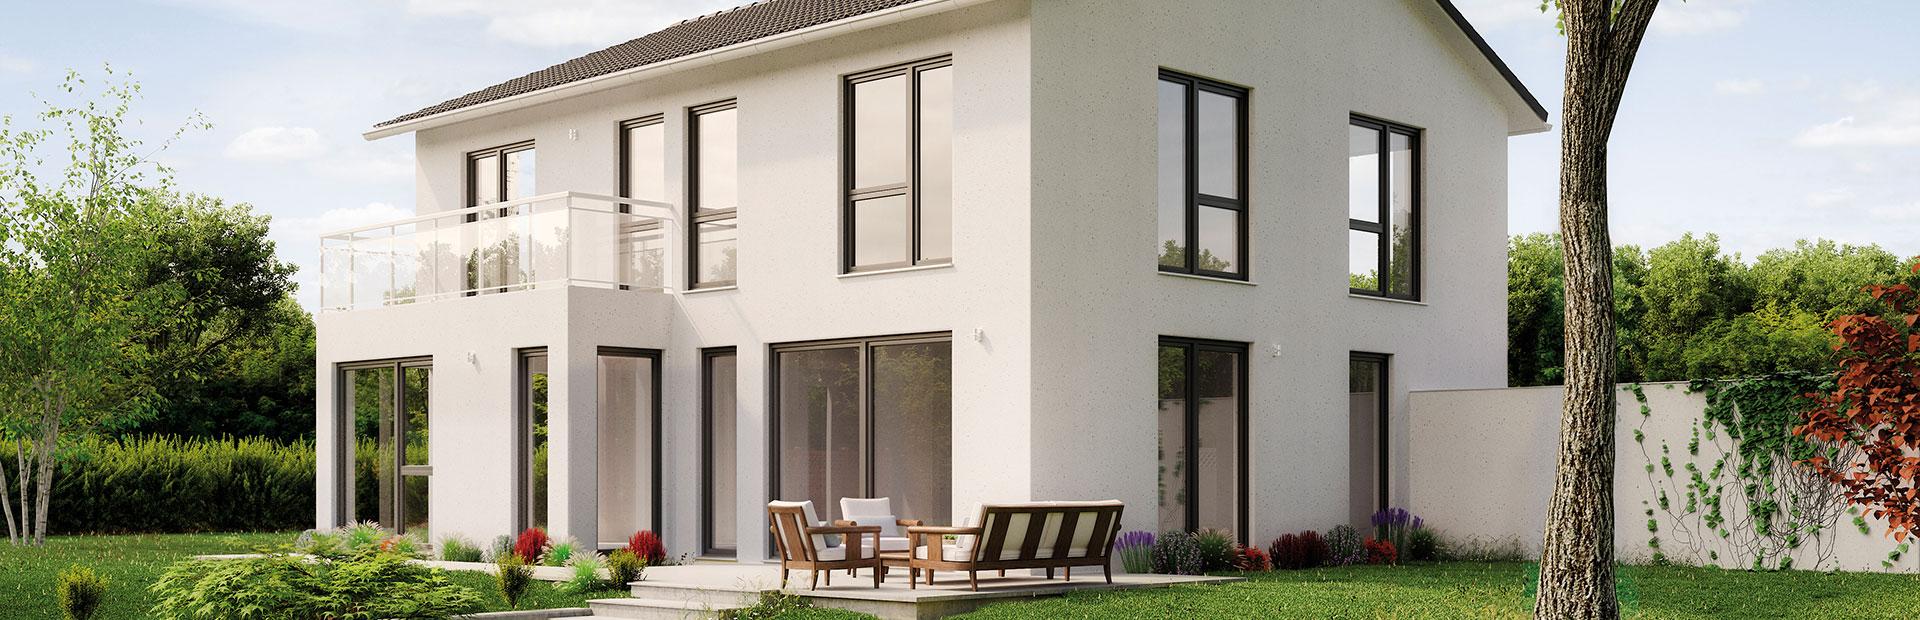 Einfamilienhaus als Fertighaus bauen lassen